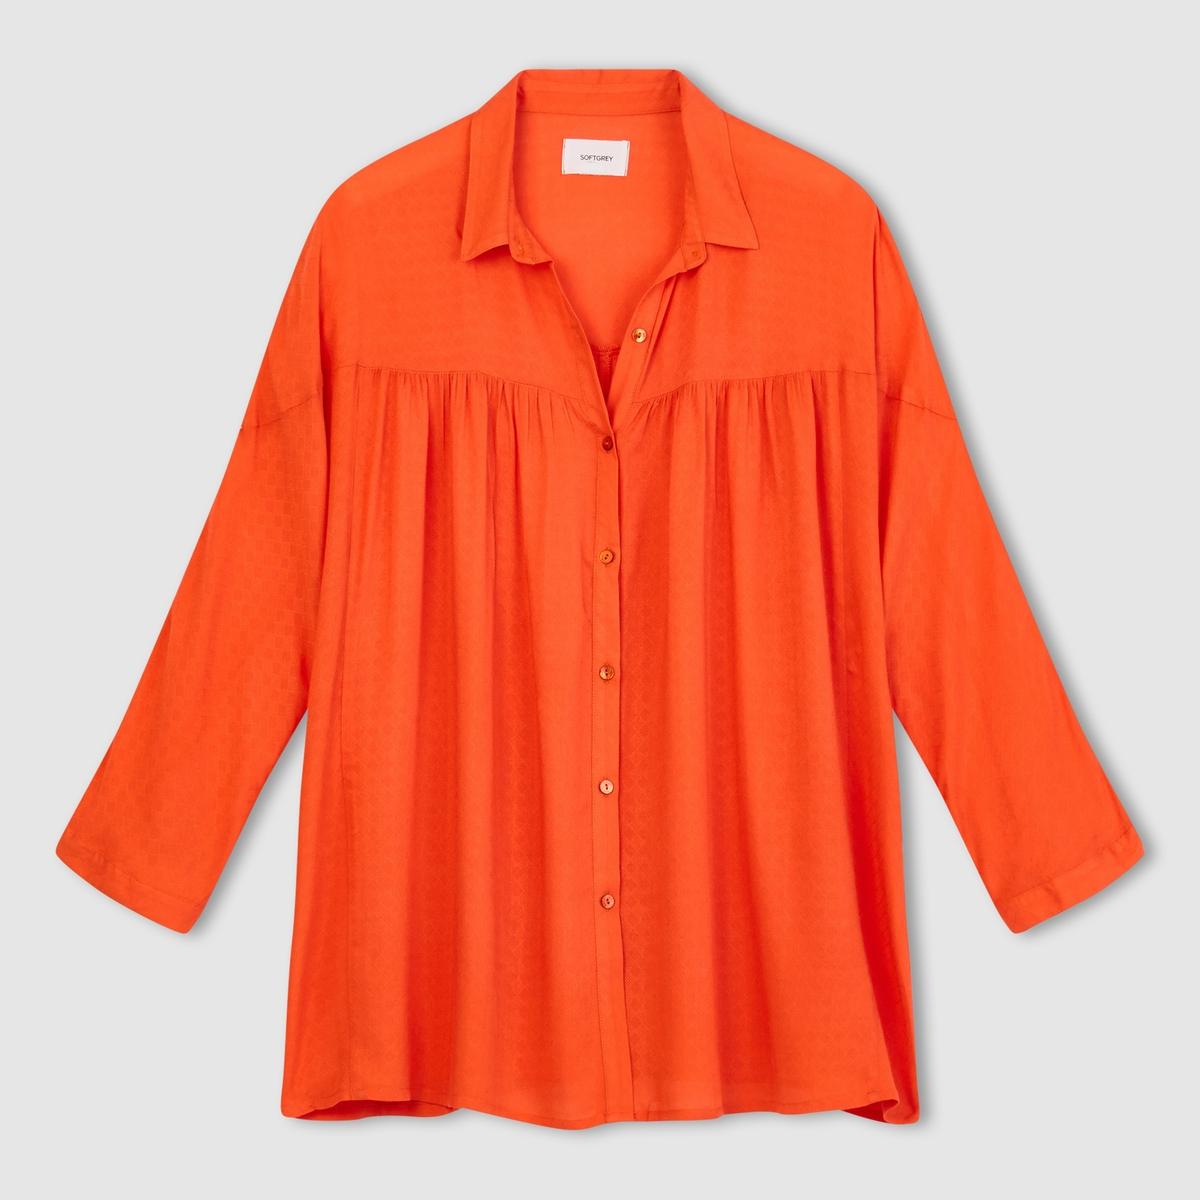 Рубашка объемного покроя с рукавами летучая мышьРубашка, 100% рельефная вискоза. Широкий рукав фасона летучая мышь. Свободный покрой. Мелкие складки на груди. Застежка на пуговицы. Длина 69 см.Рубашка из струящейся ткани свободного покроя в богемном стиле.<br><br>Цвет: оранжевый<br>Размер: 40 (FR) - 46 (RUS)